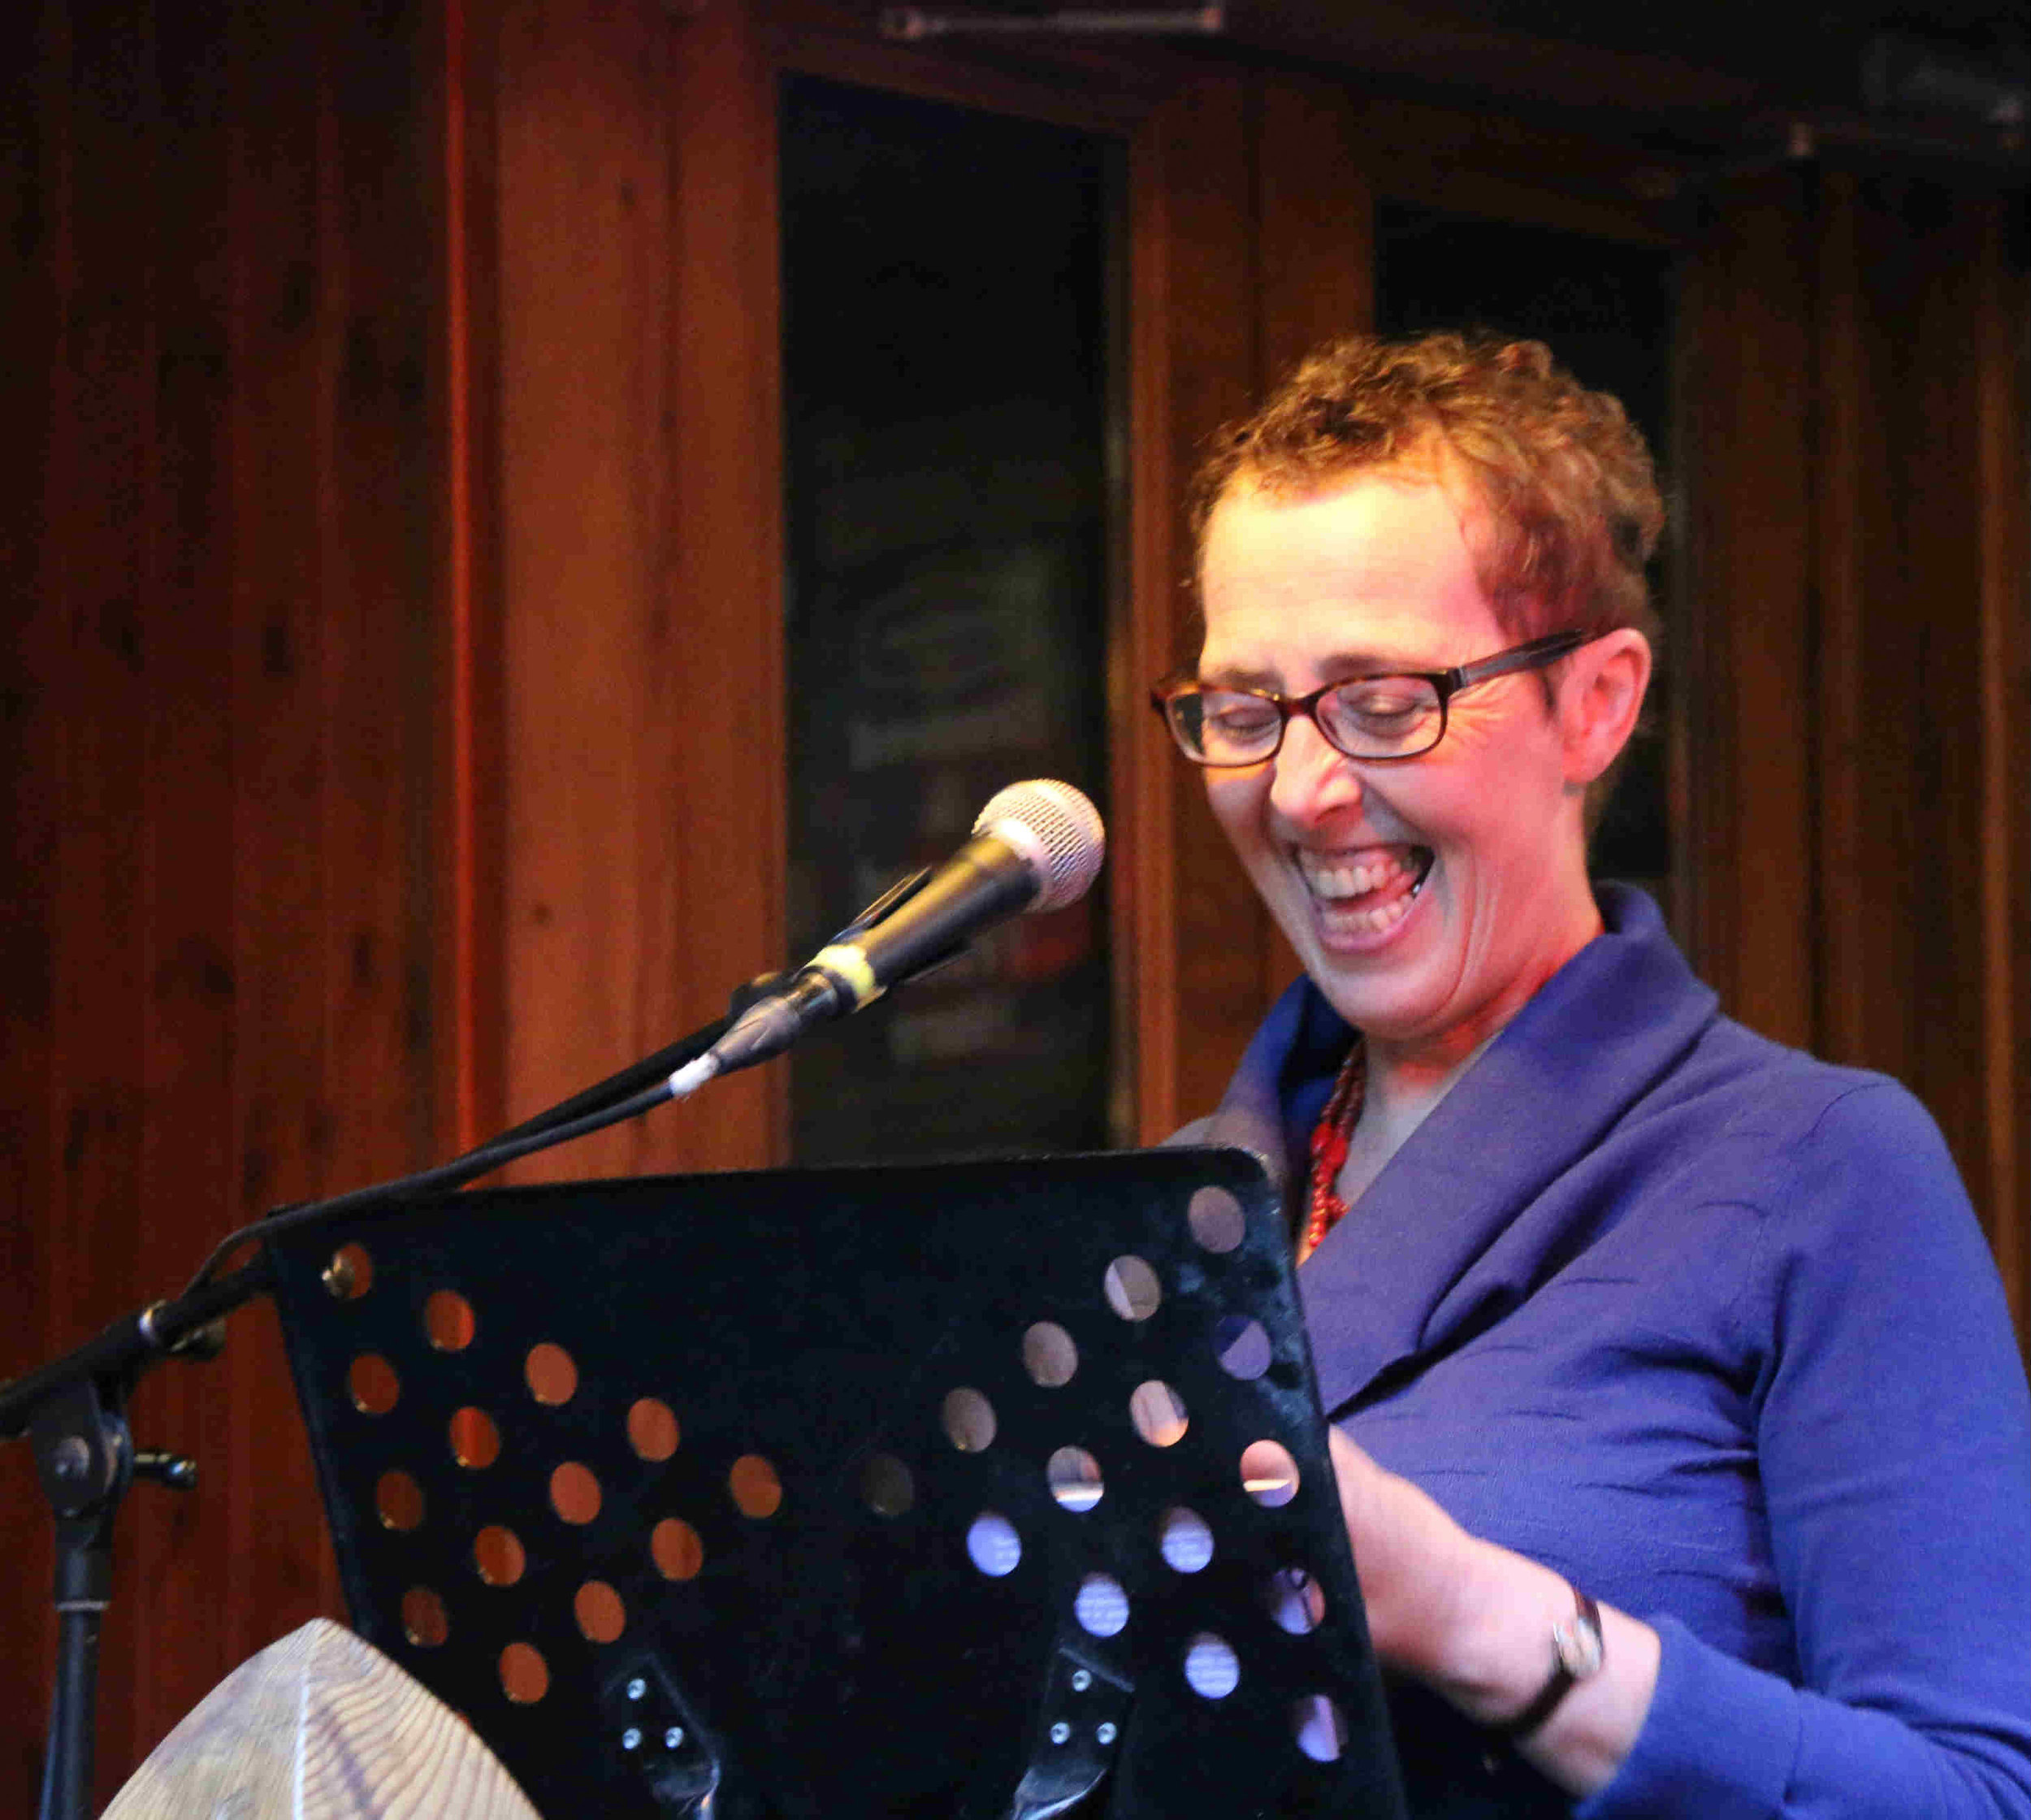 Poetry Reading with Mick Delap - Allingham Festival 2016, Ballyshannon-16.jpg